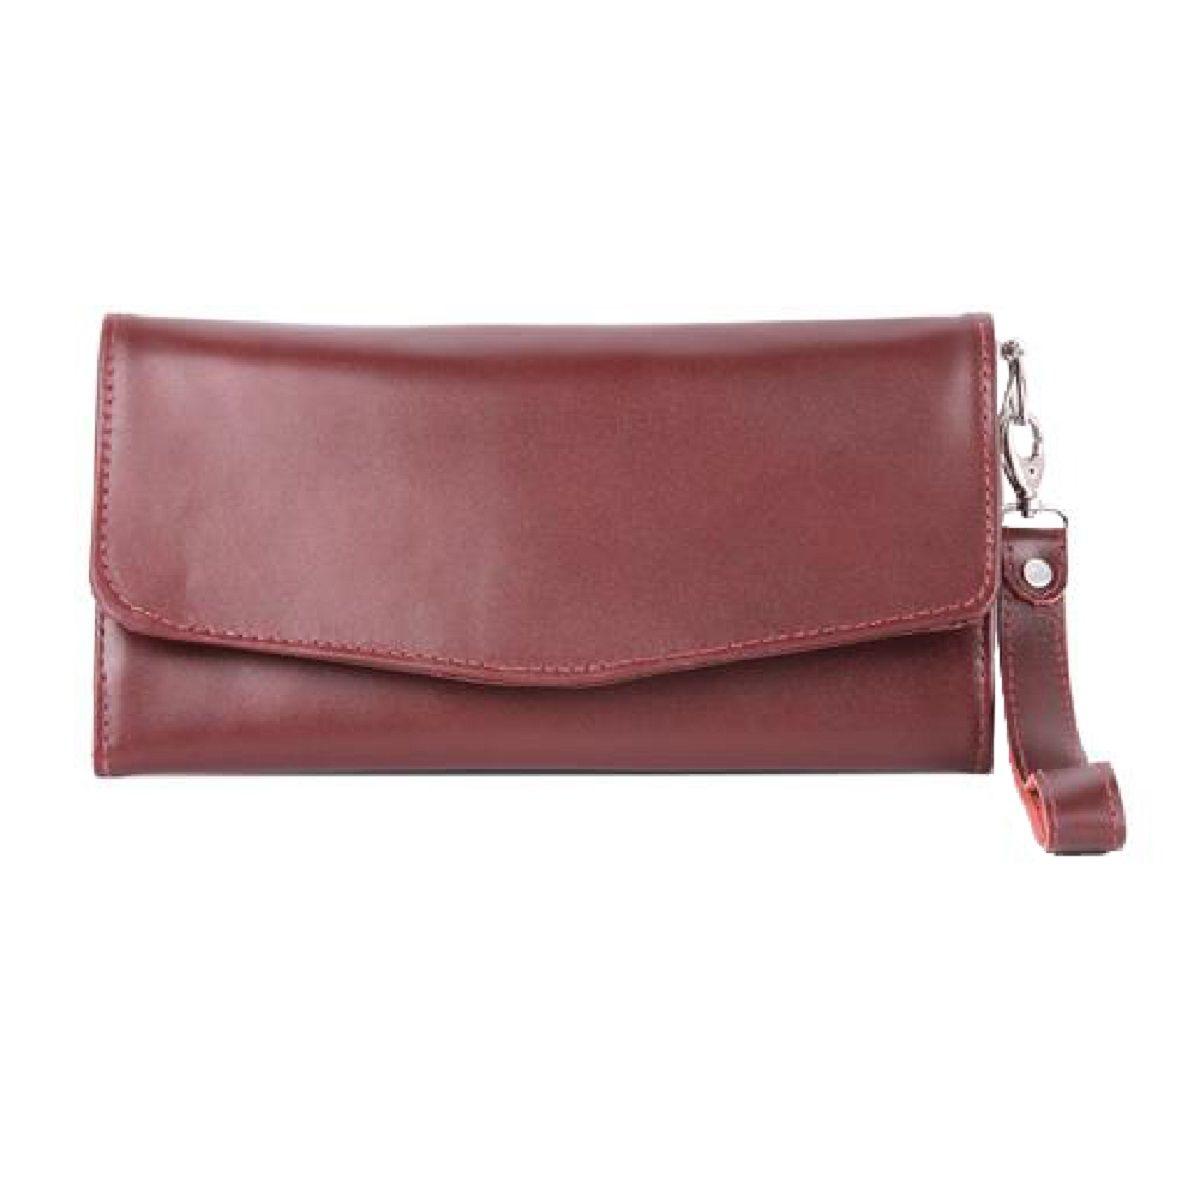 کیف دستی چرمستان مدل E11